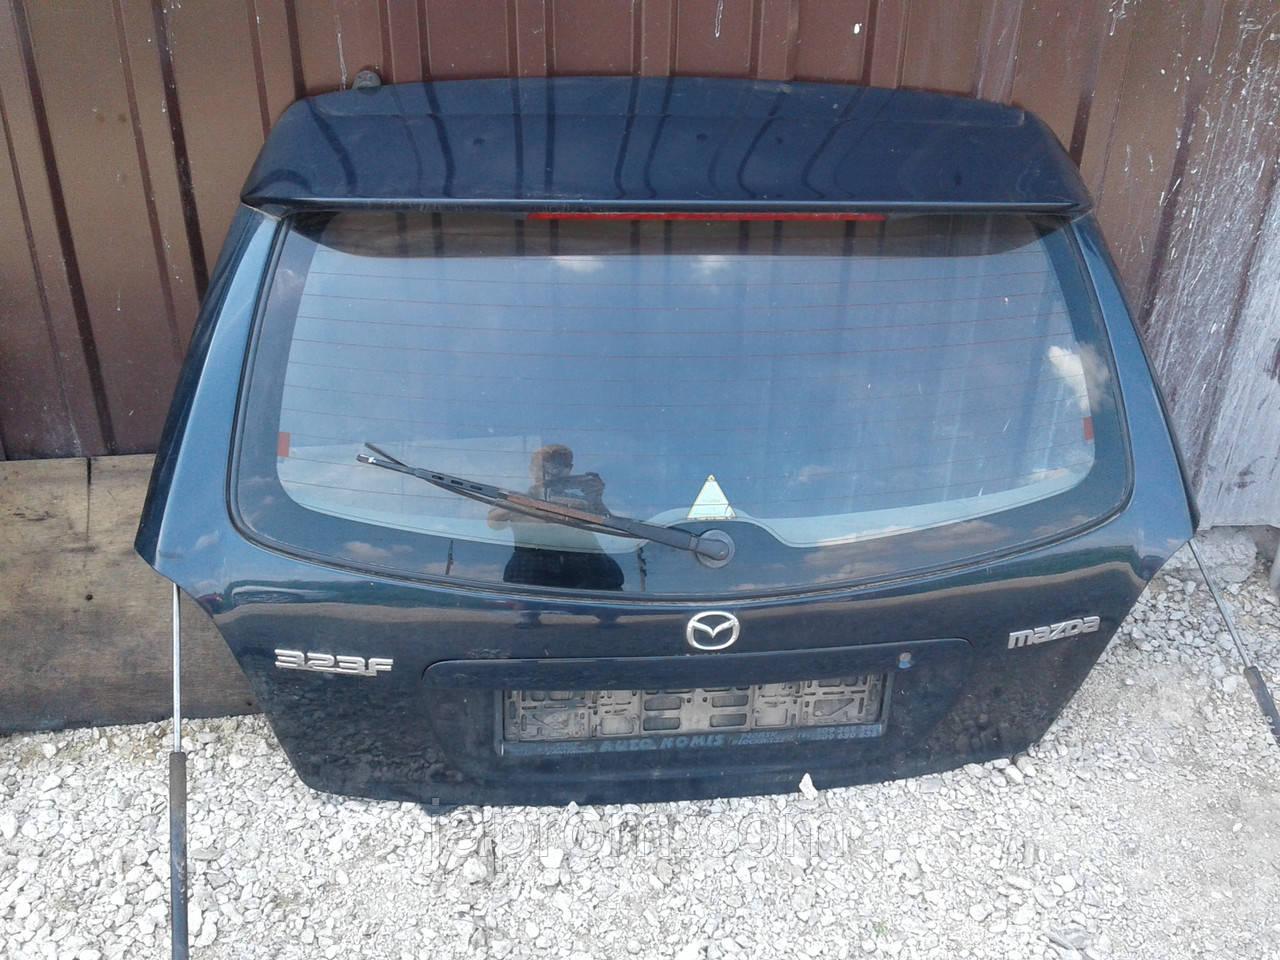 Крышка багажника со стеклом Mazda 323 BJ 1997-2002г.в. синяя